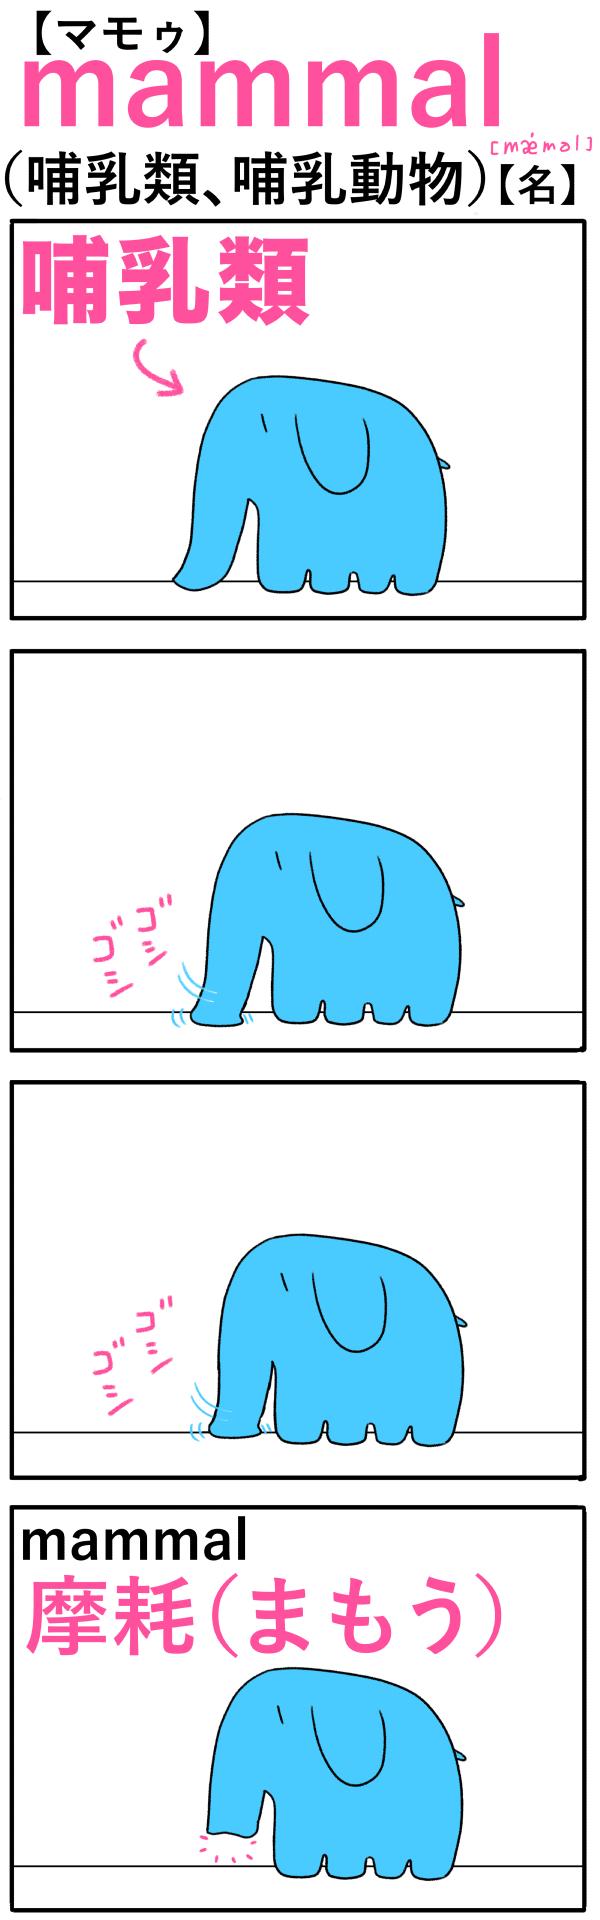 mammal(哺乳類)の語呂合わせ英単語